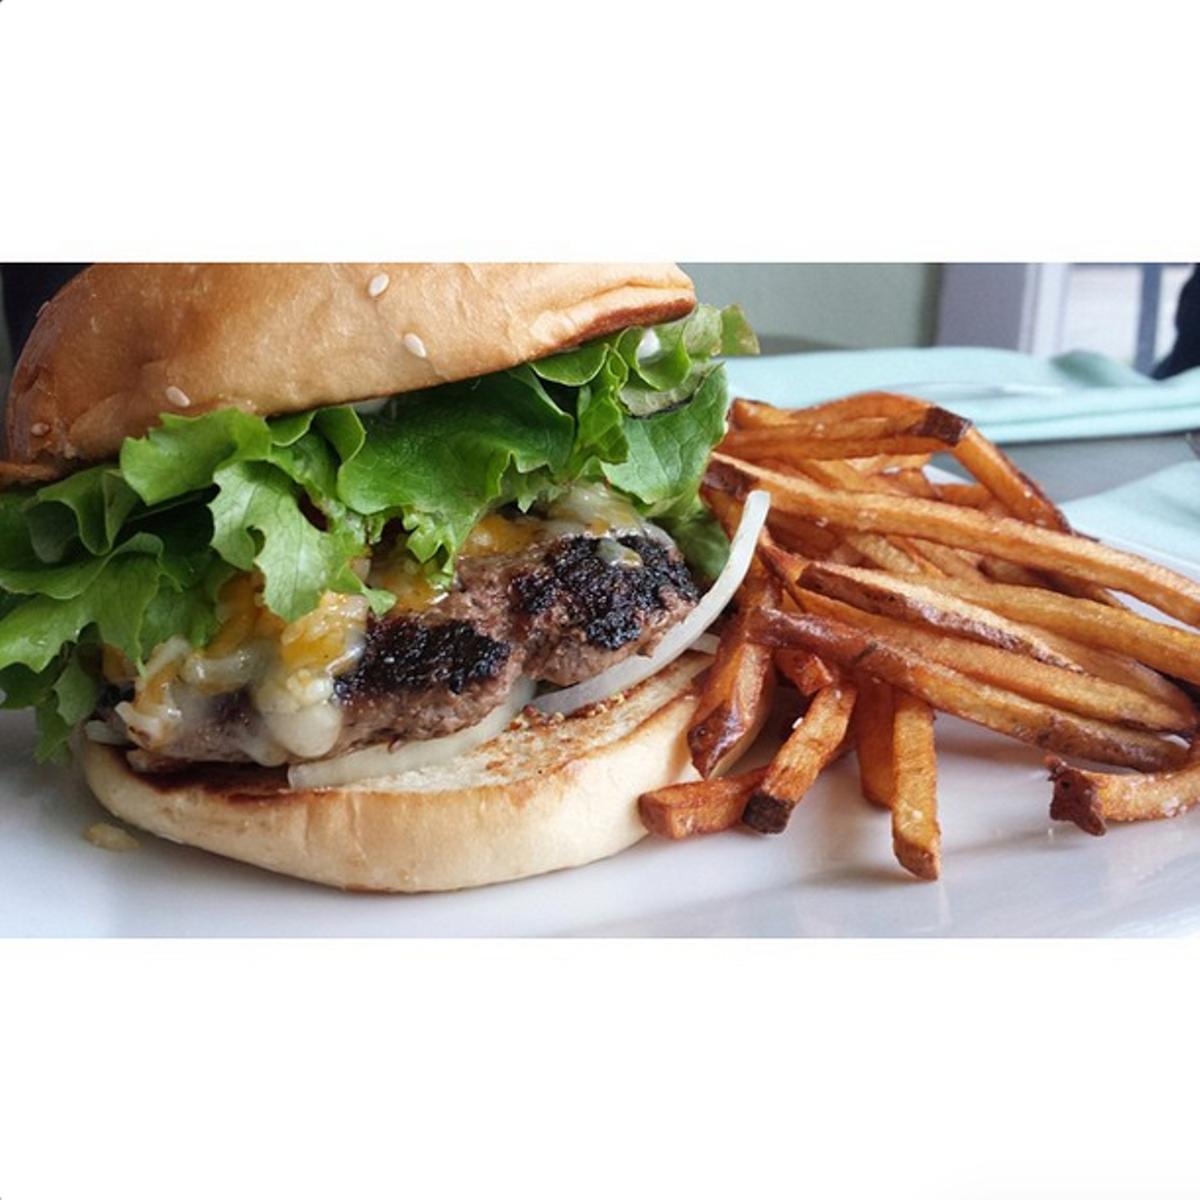 SA Food Pics: Badass Burgers, Bar Food And More